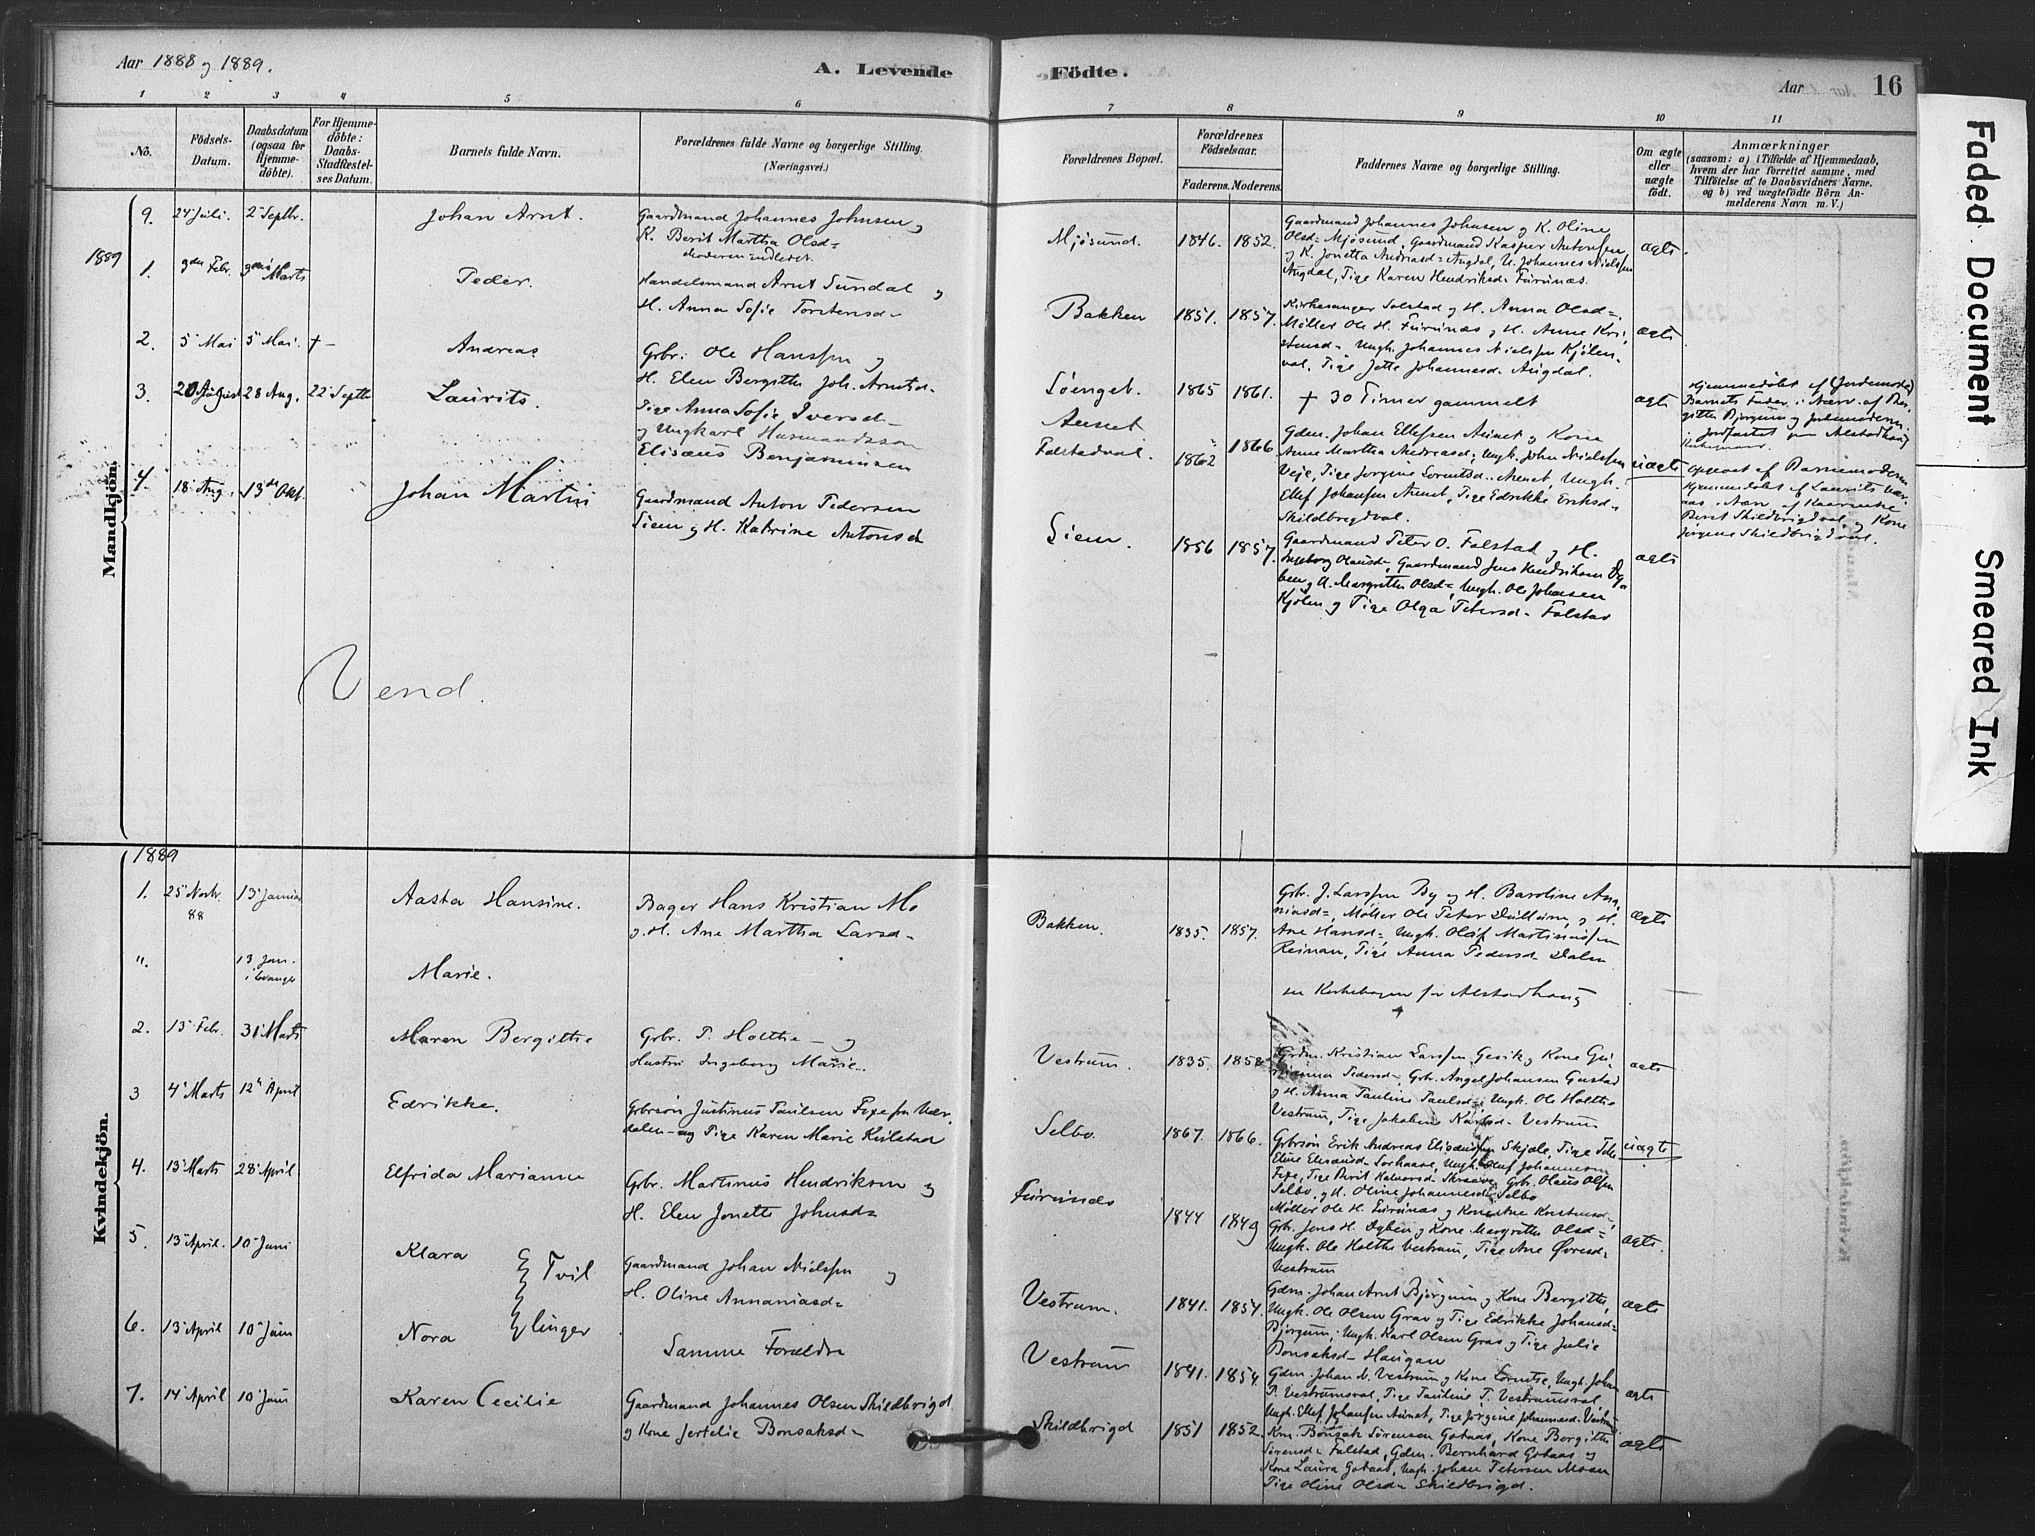 SAT, Ministerialprotokoller, klokkerbøker og fødselsregistre - Nord-Trøndelag, 719/L0178: Ministerialbok nr. 719A01, 1878-1900, s. 16